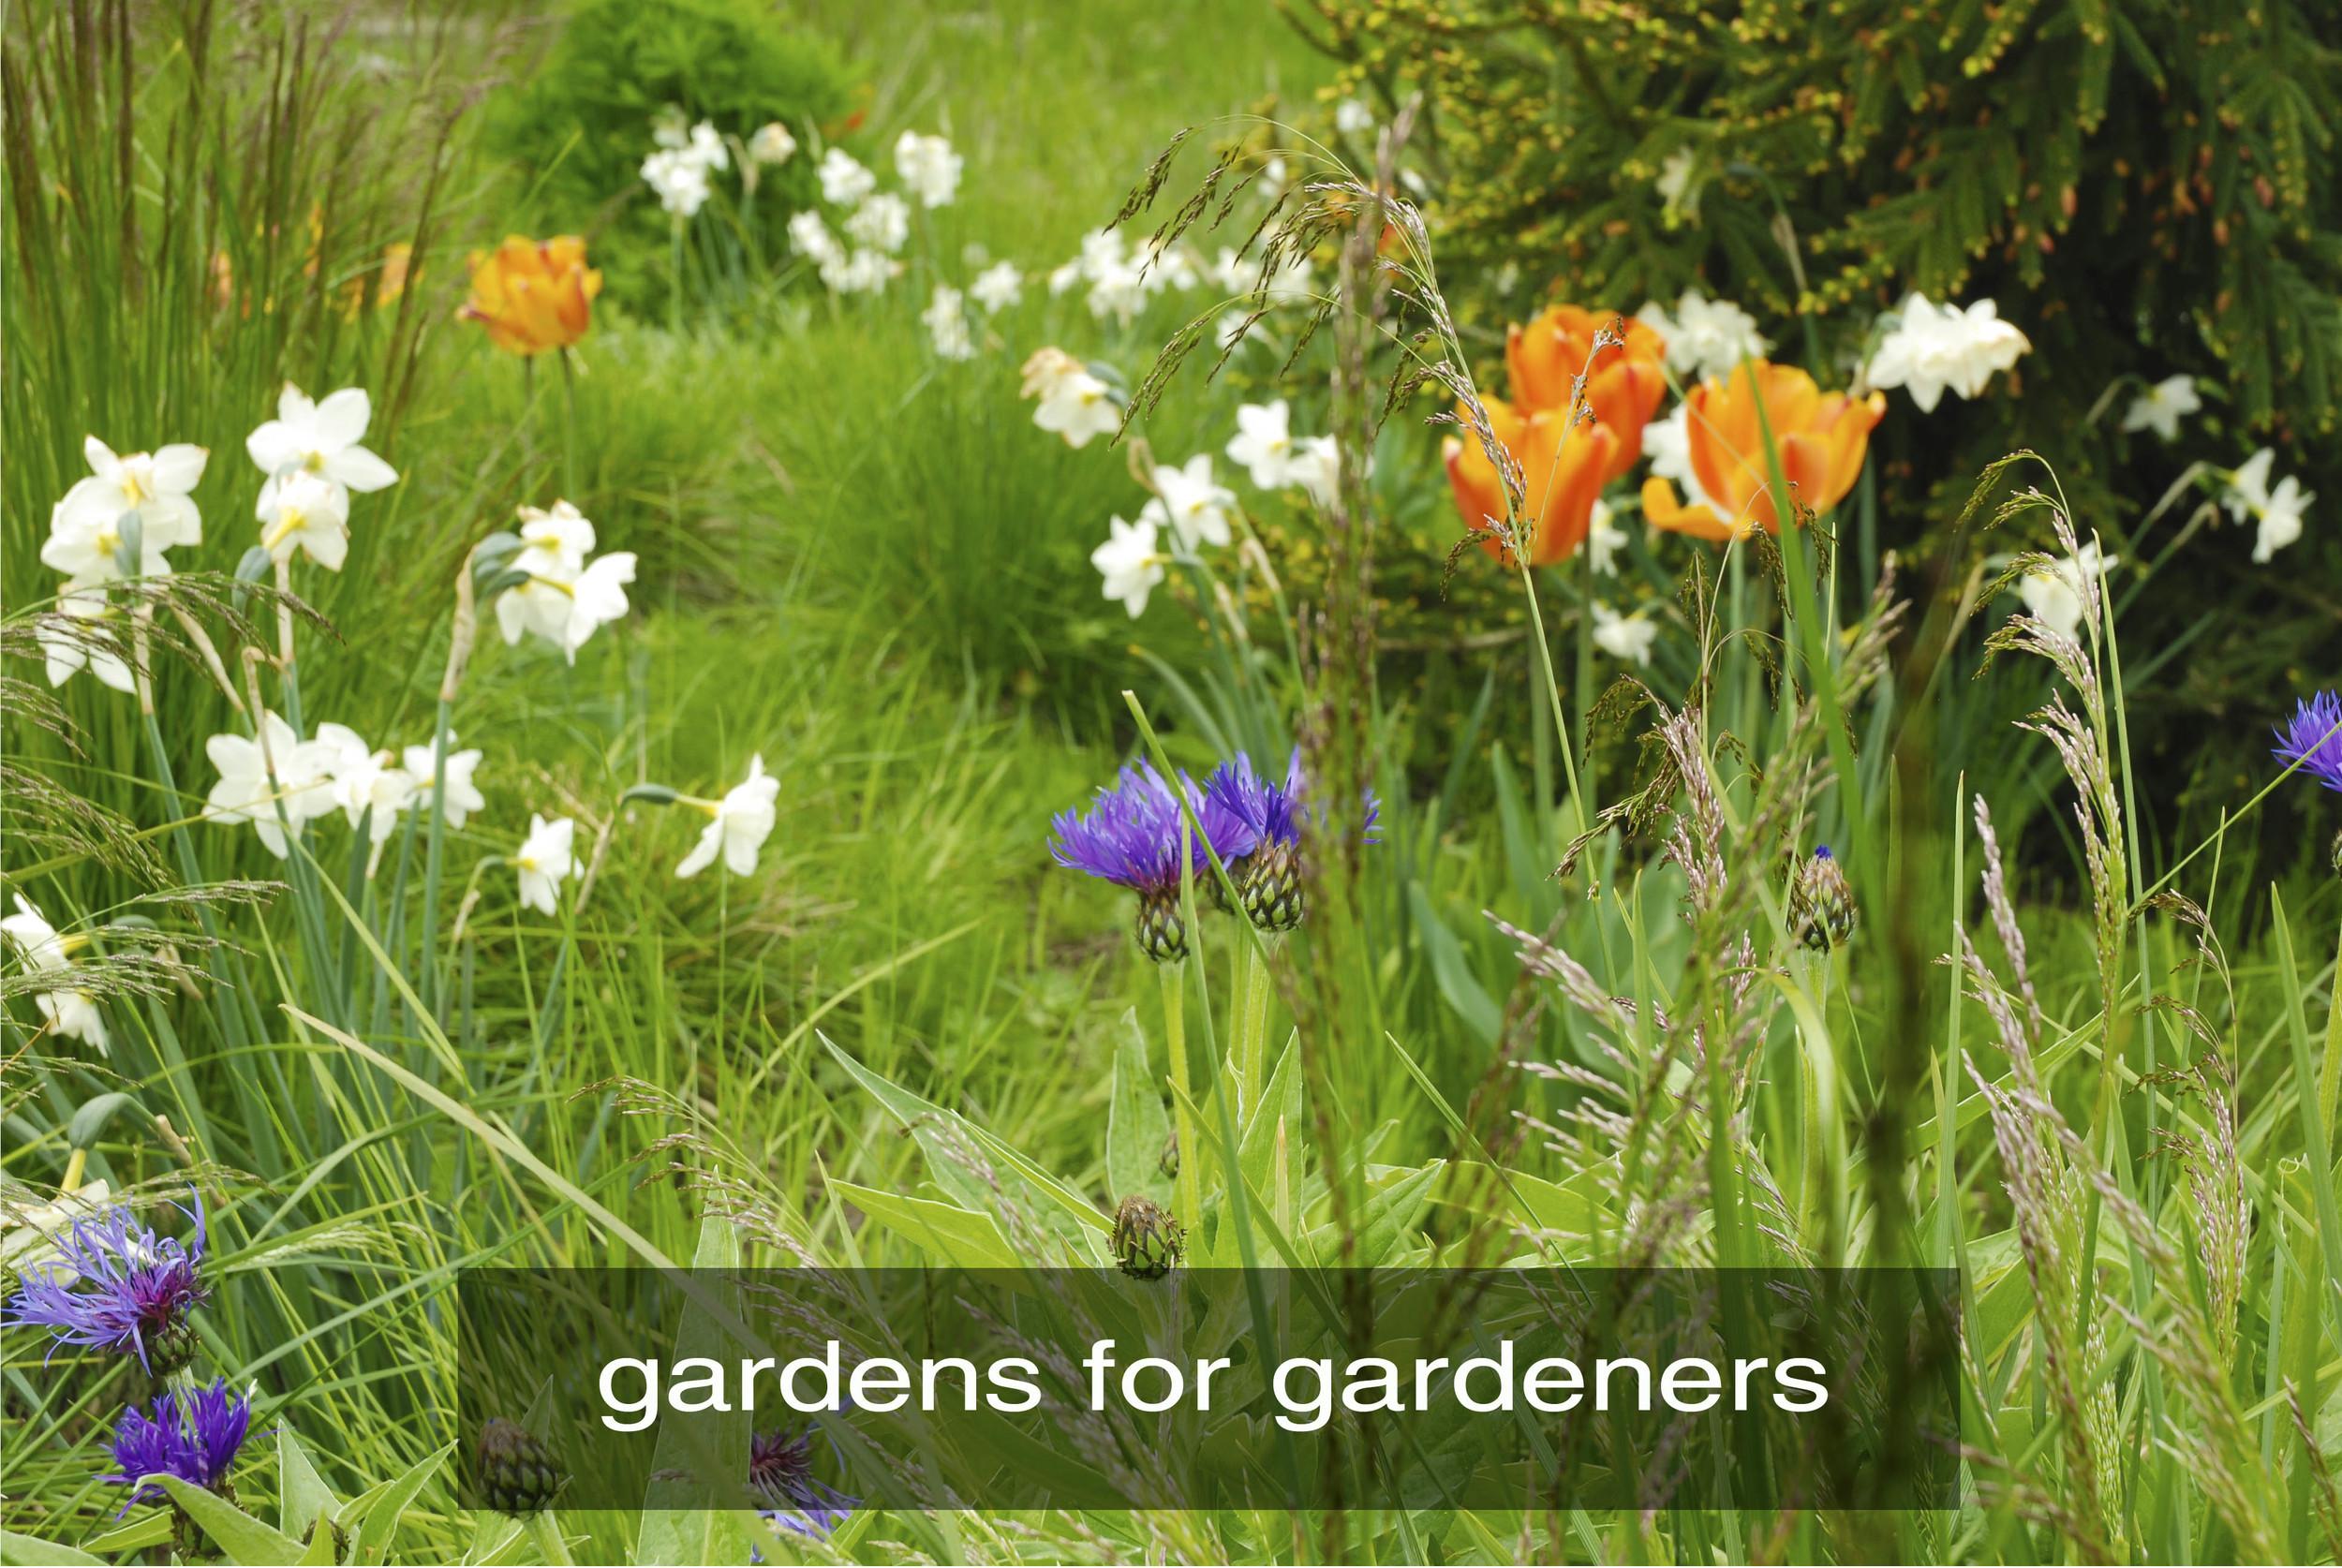 gardeners_3.jpg